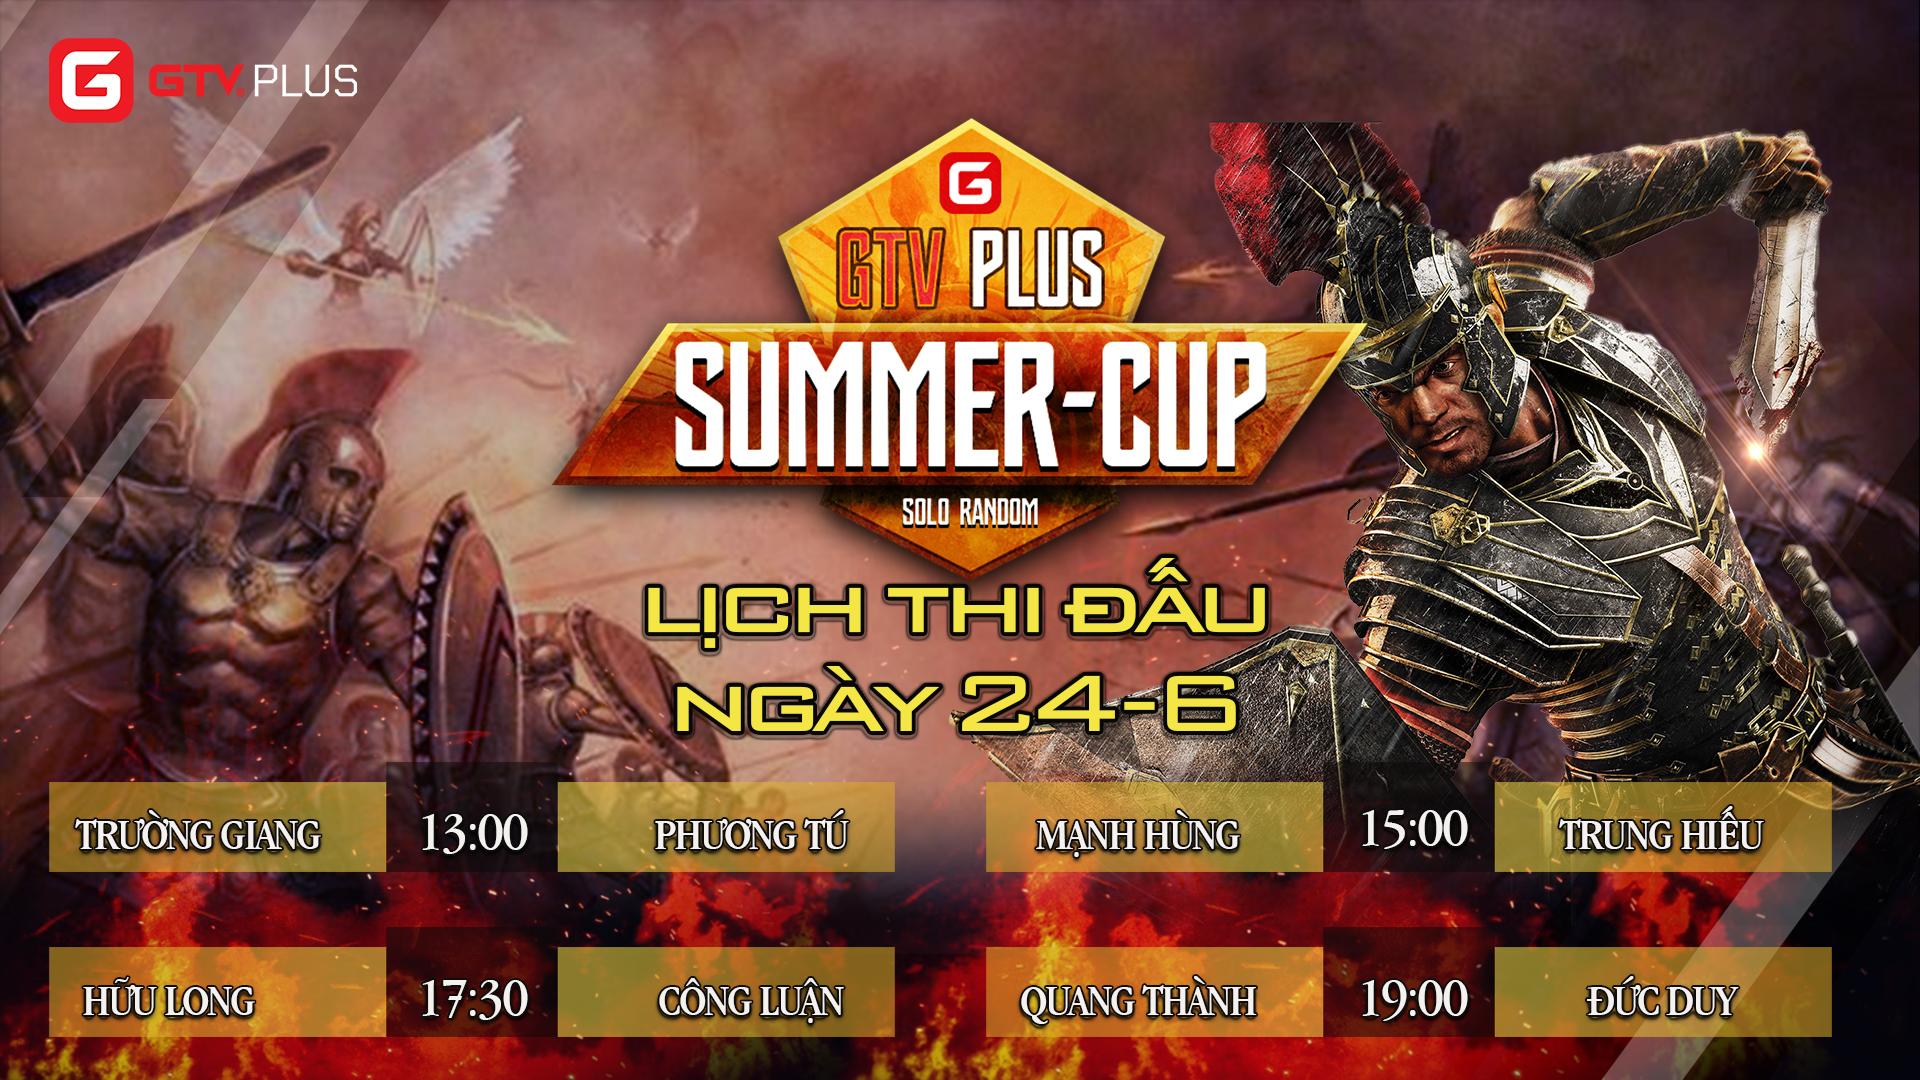 Lịch thi đấu ngày thi đấu ngày 24 tháng 6 Giải đấu AOE SUMMER CUP 2021